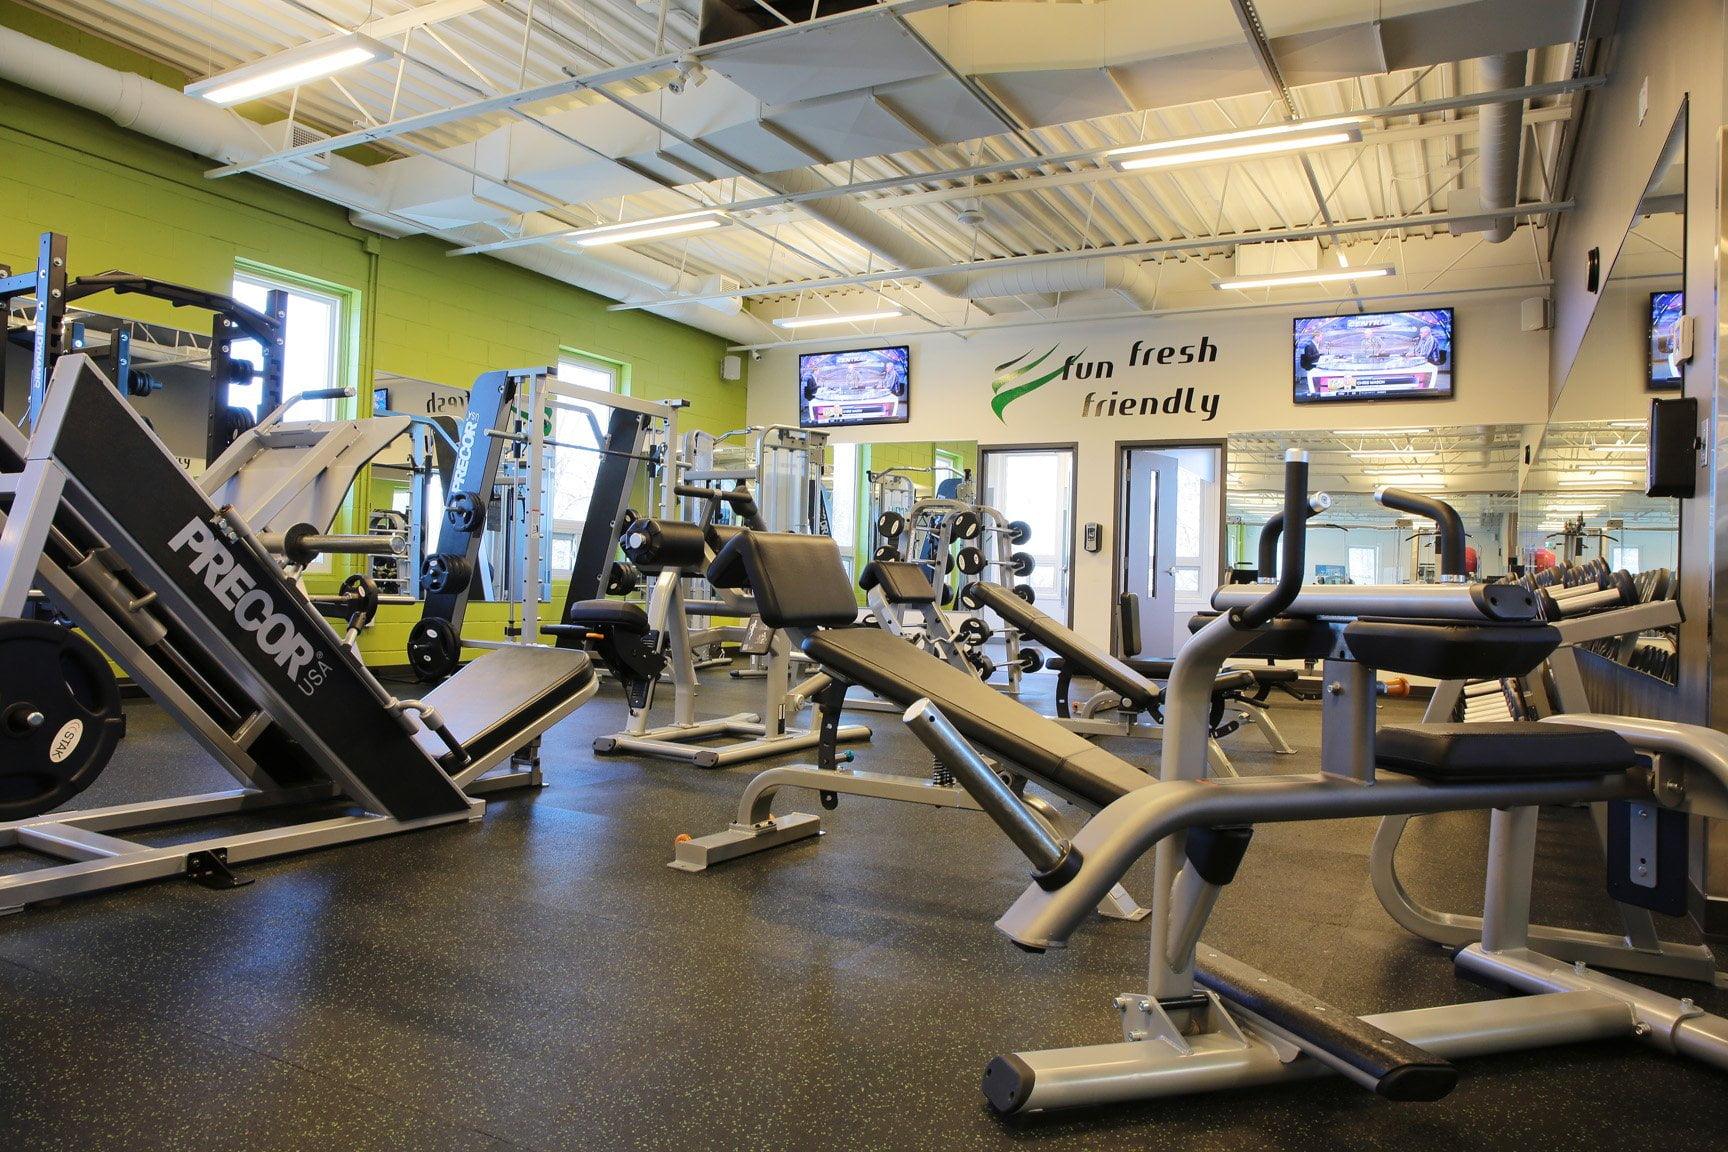 Interior-of-Gym